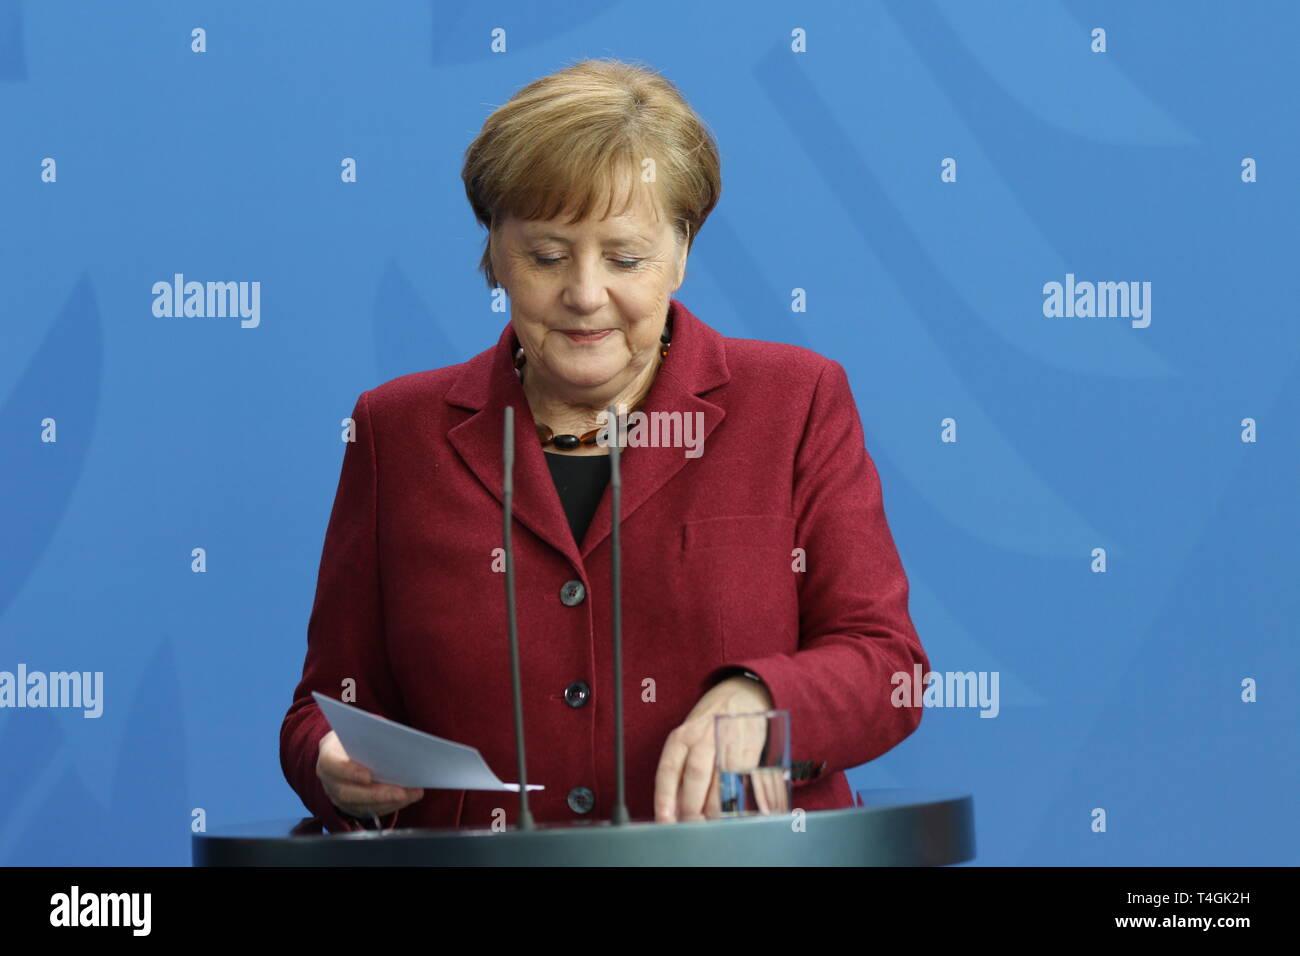 16.04.2019, Berlin, Deutschland, Bundeskanzlerin Angela Merkel in Aussagen gegenüber der Presse in das Bundeskanzleramt. Stockbild